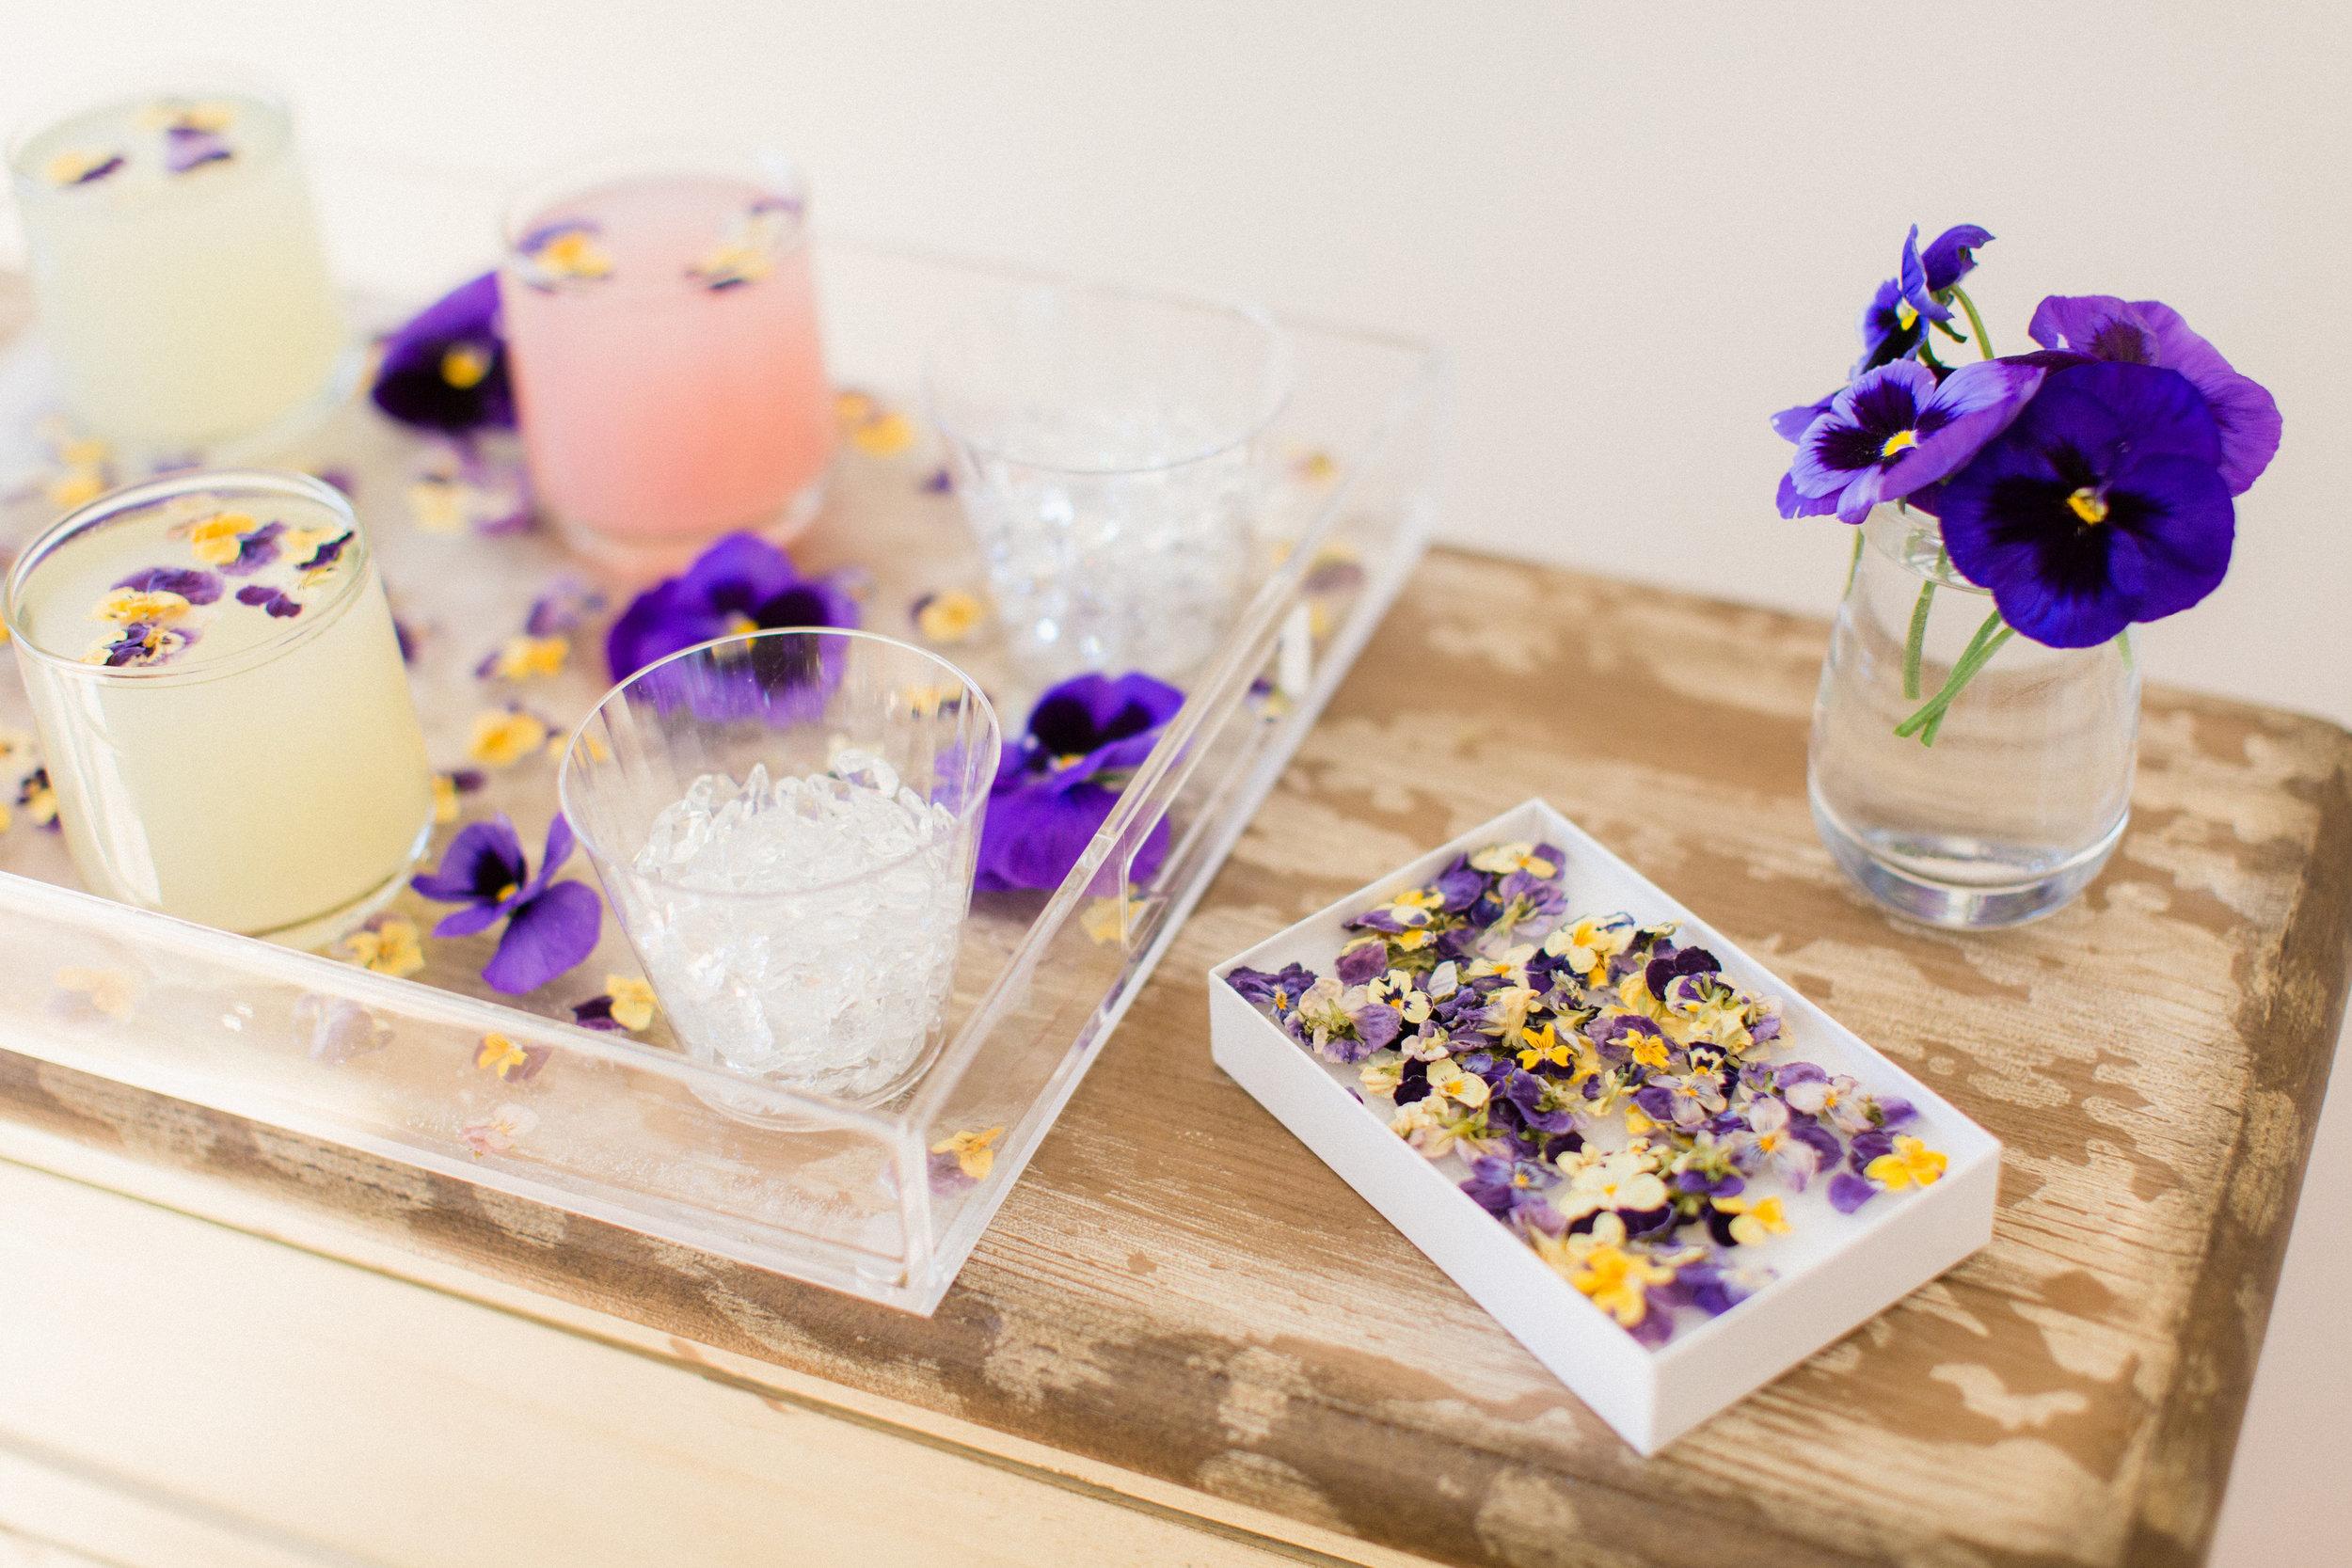 diy flower ice cubes 2.jpg